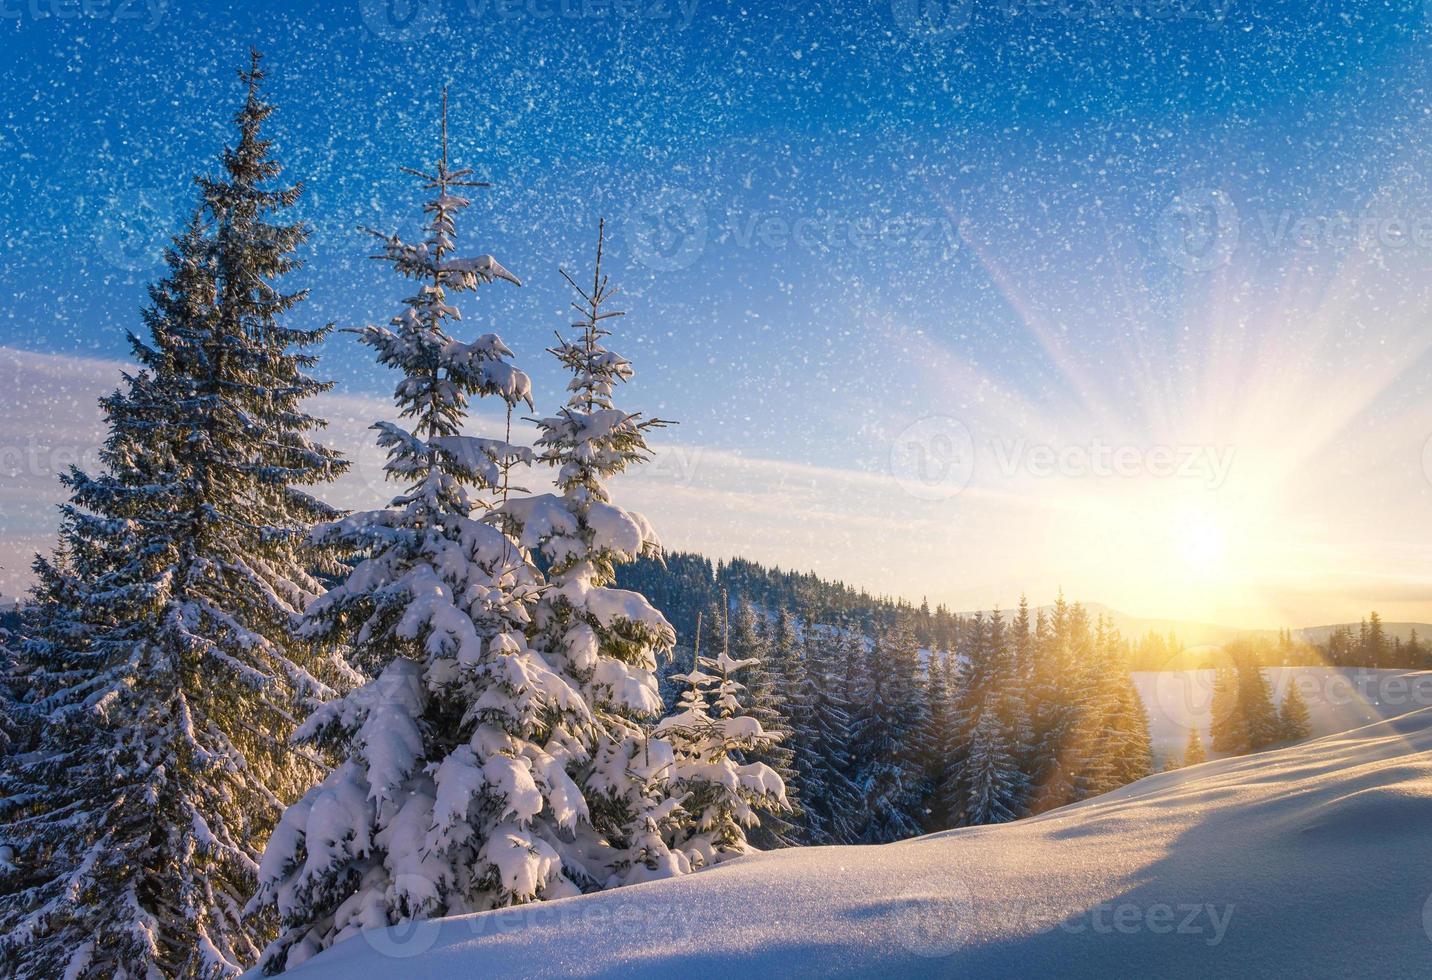 weergave van met sneeuw bedekte naaldbomen en sneeuwvlokken bij zonsopgang. foto